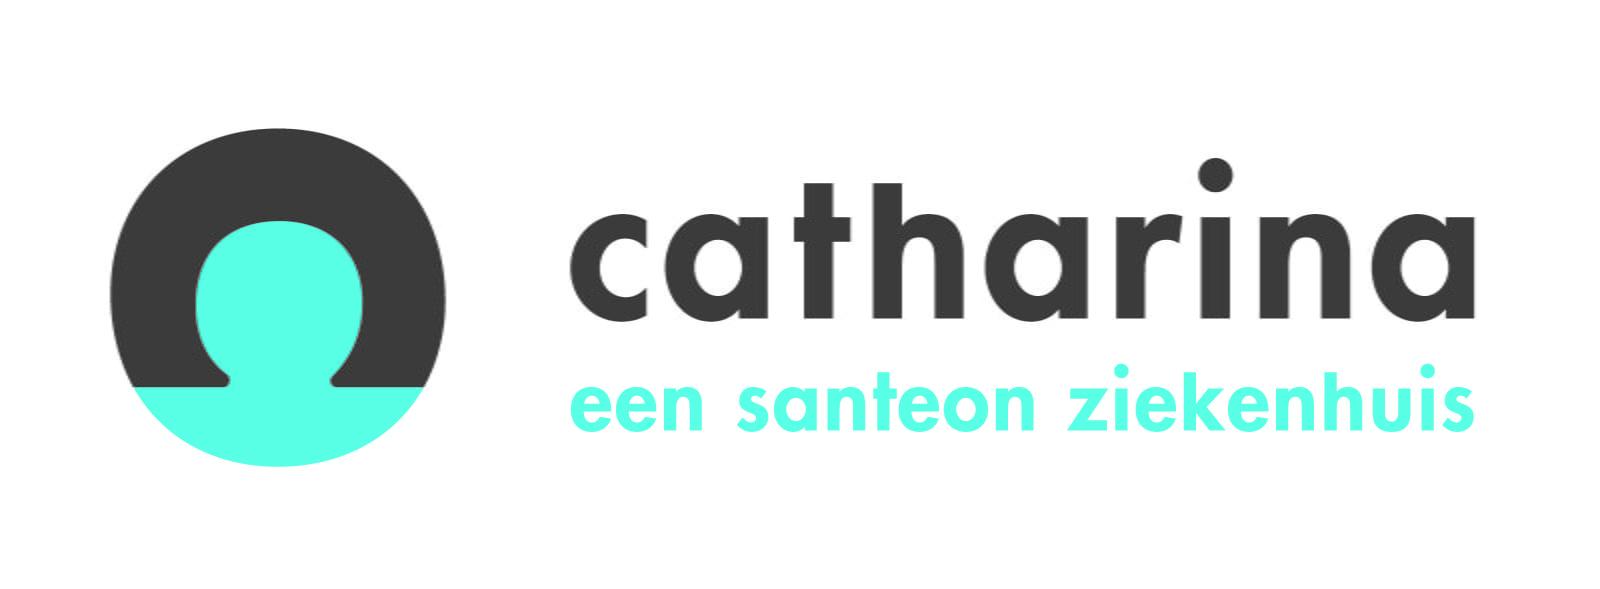 SR_Cath_ziekenhuis_Uitz_FC_U